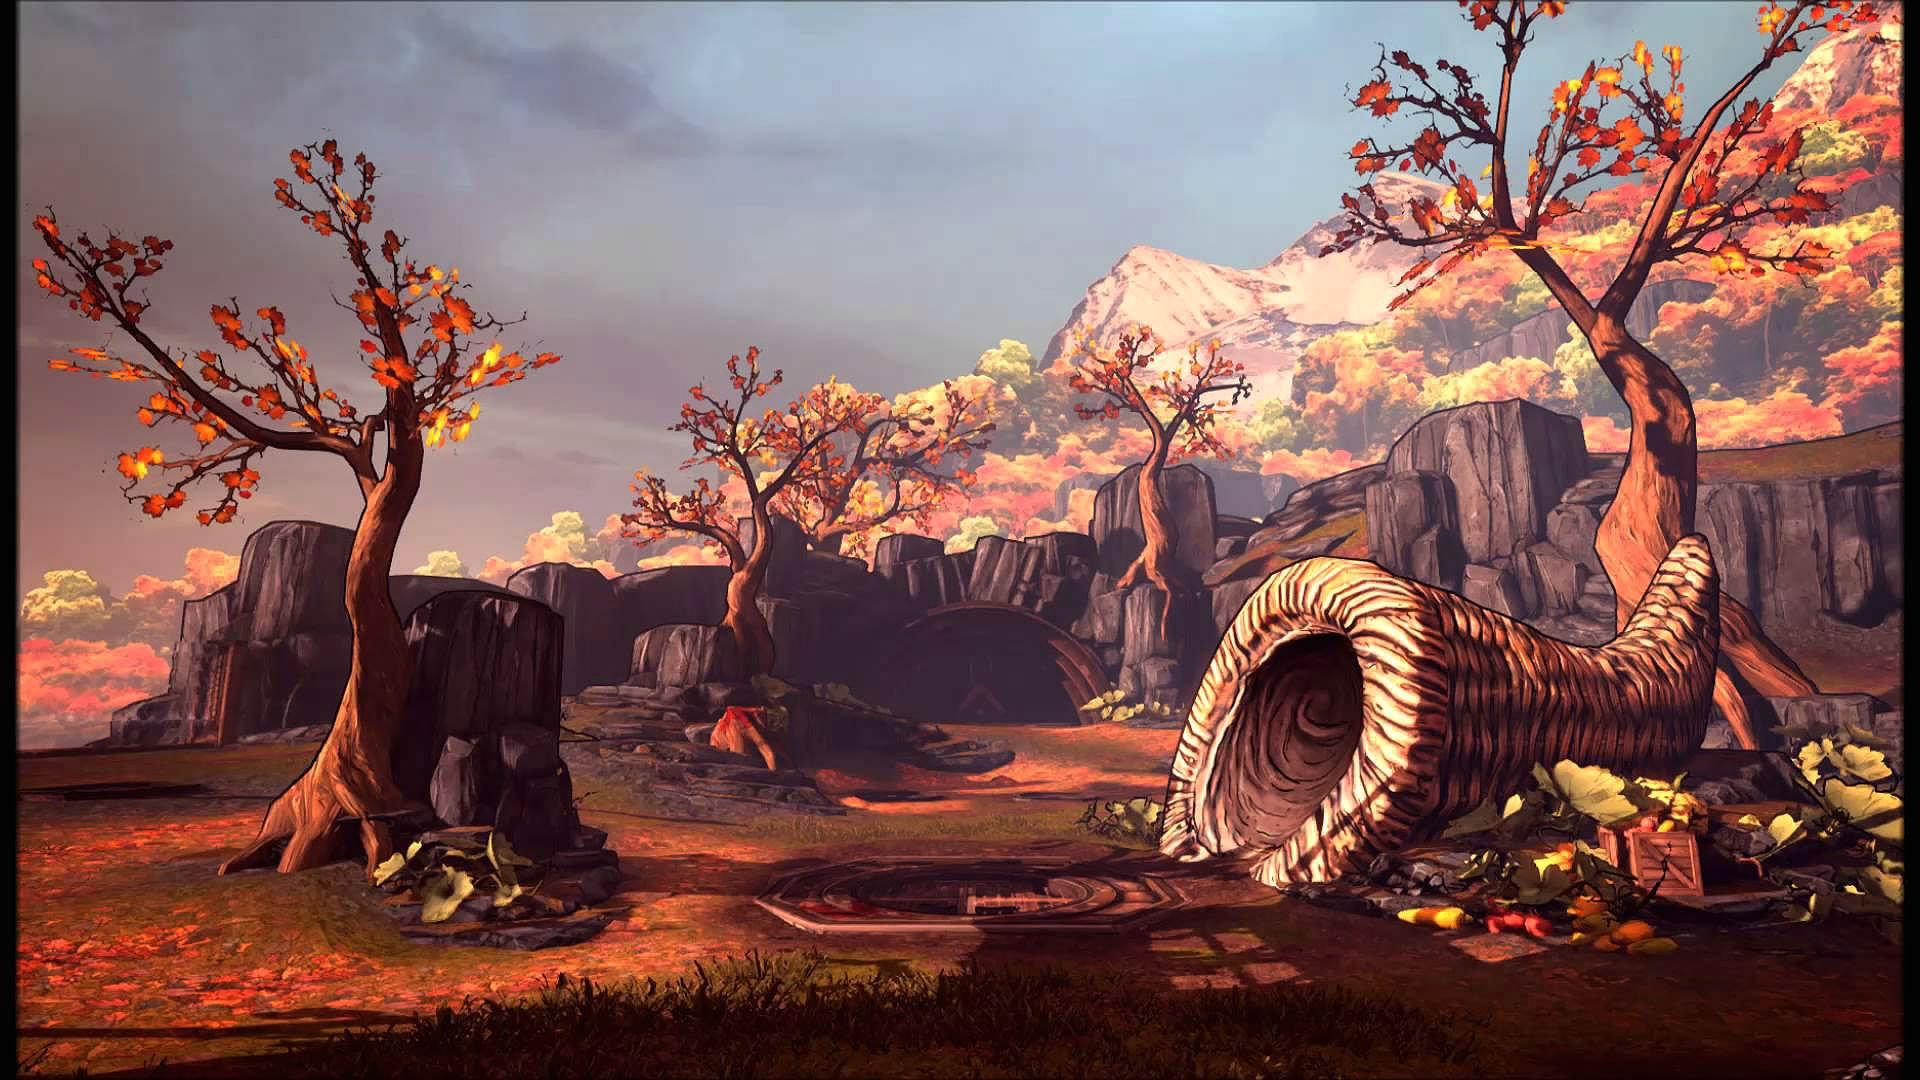 Borderlands 2 Wallpaper Hd Borderlands 2 Bloody Harvest Shooter Sci Fi Action Rpg